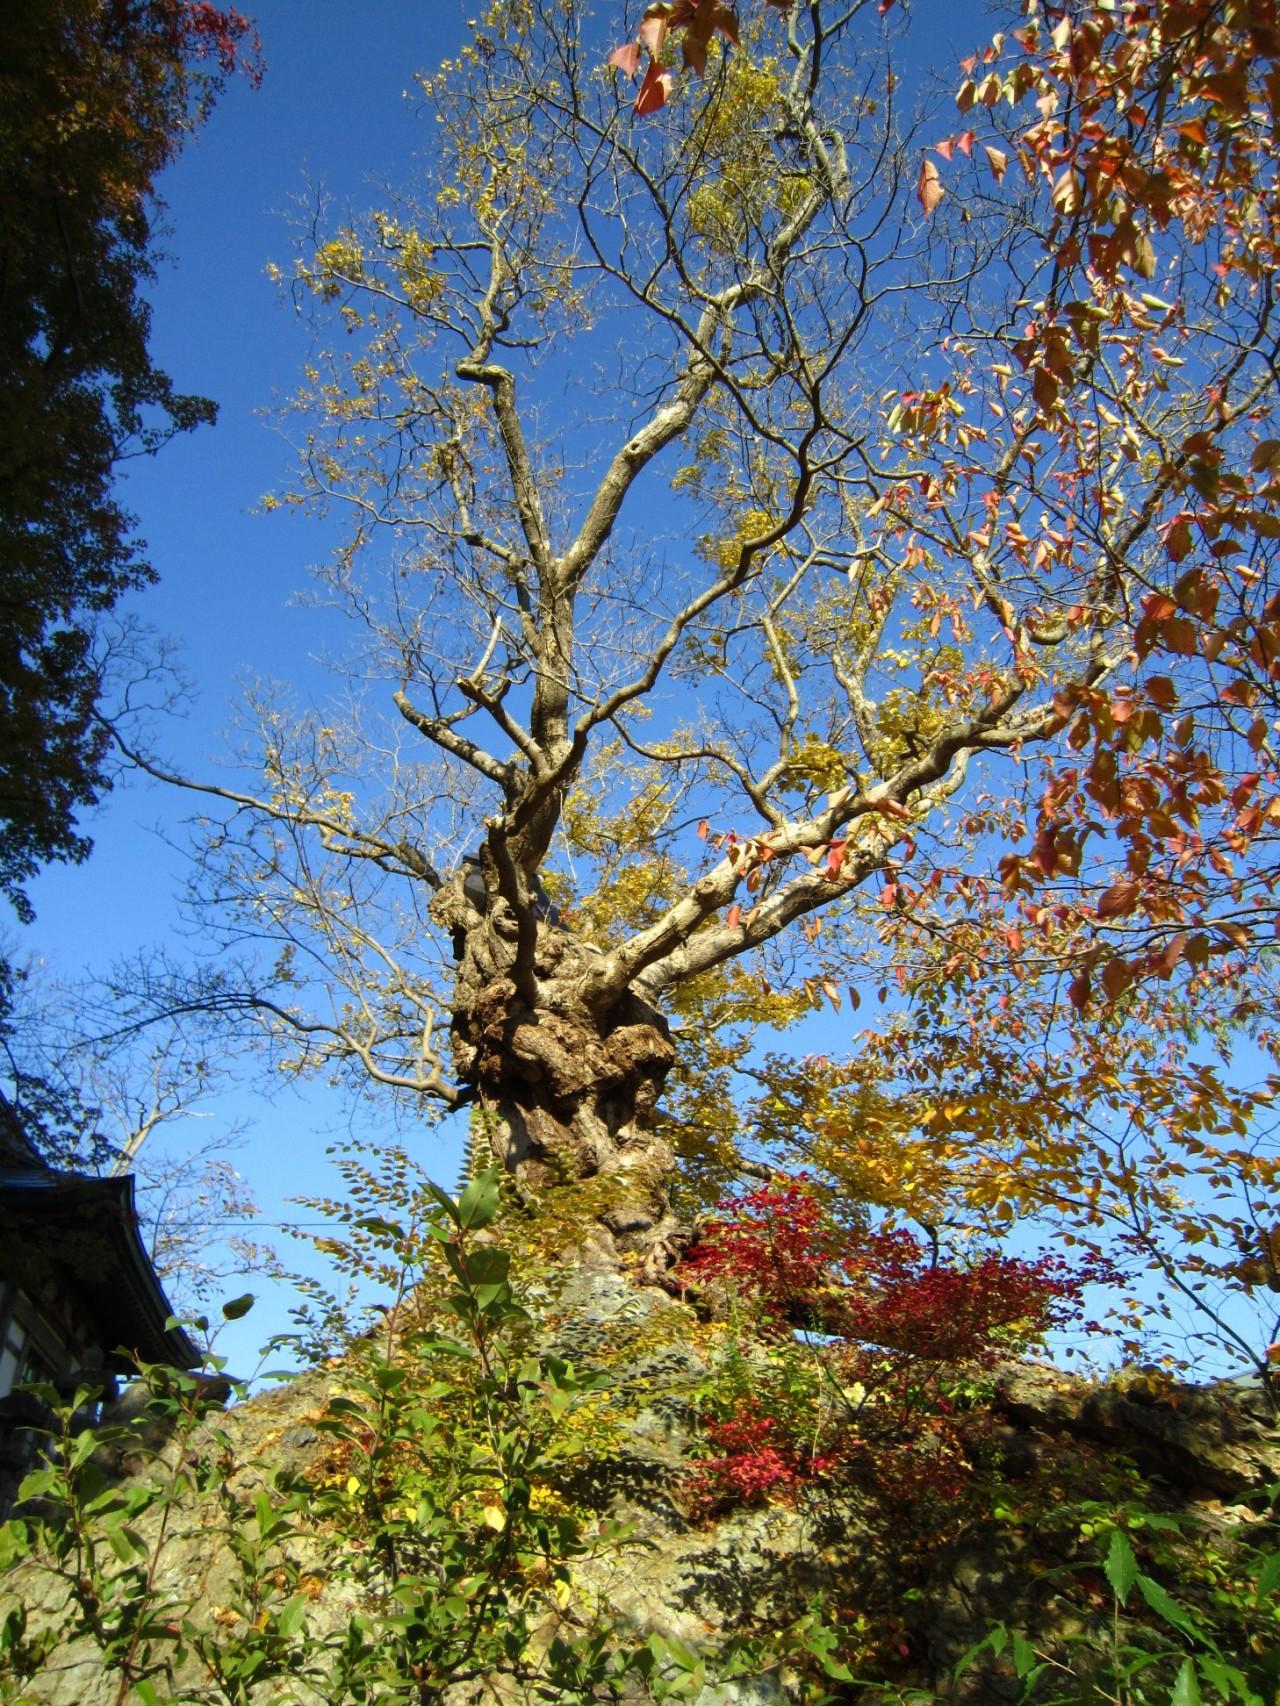 青森 津軽 黒石市 風景 巨木 春 昼 石割楓 樹齢